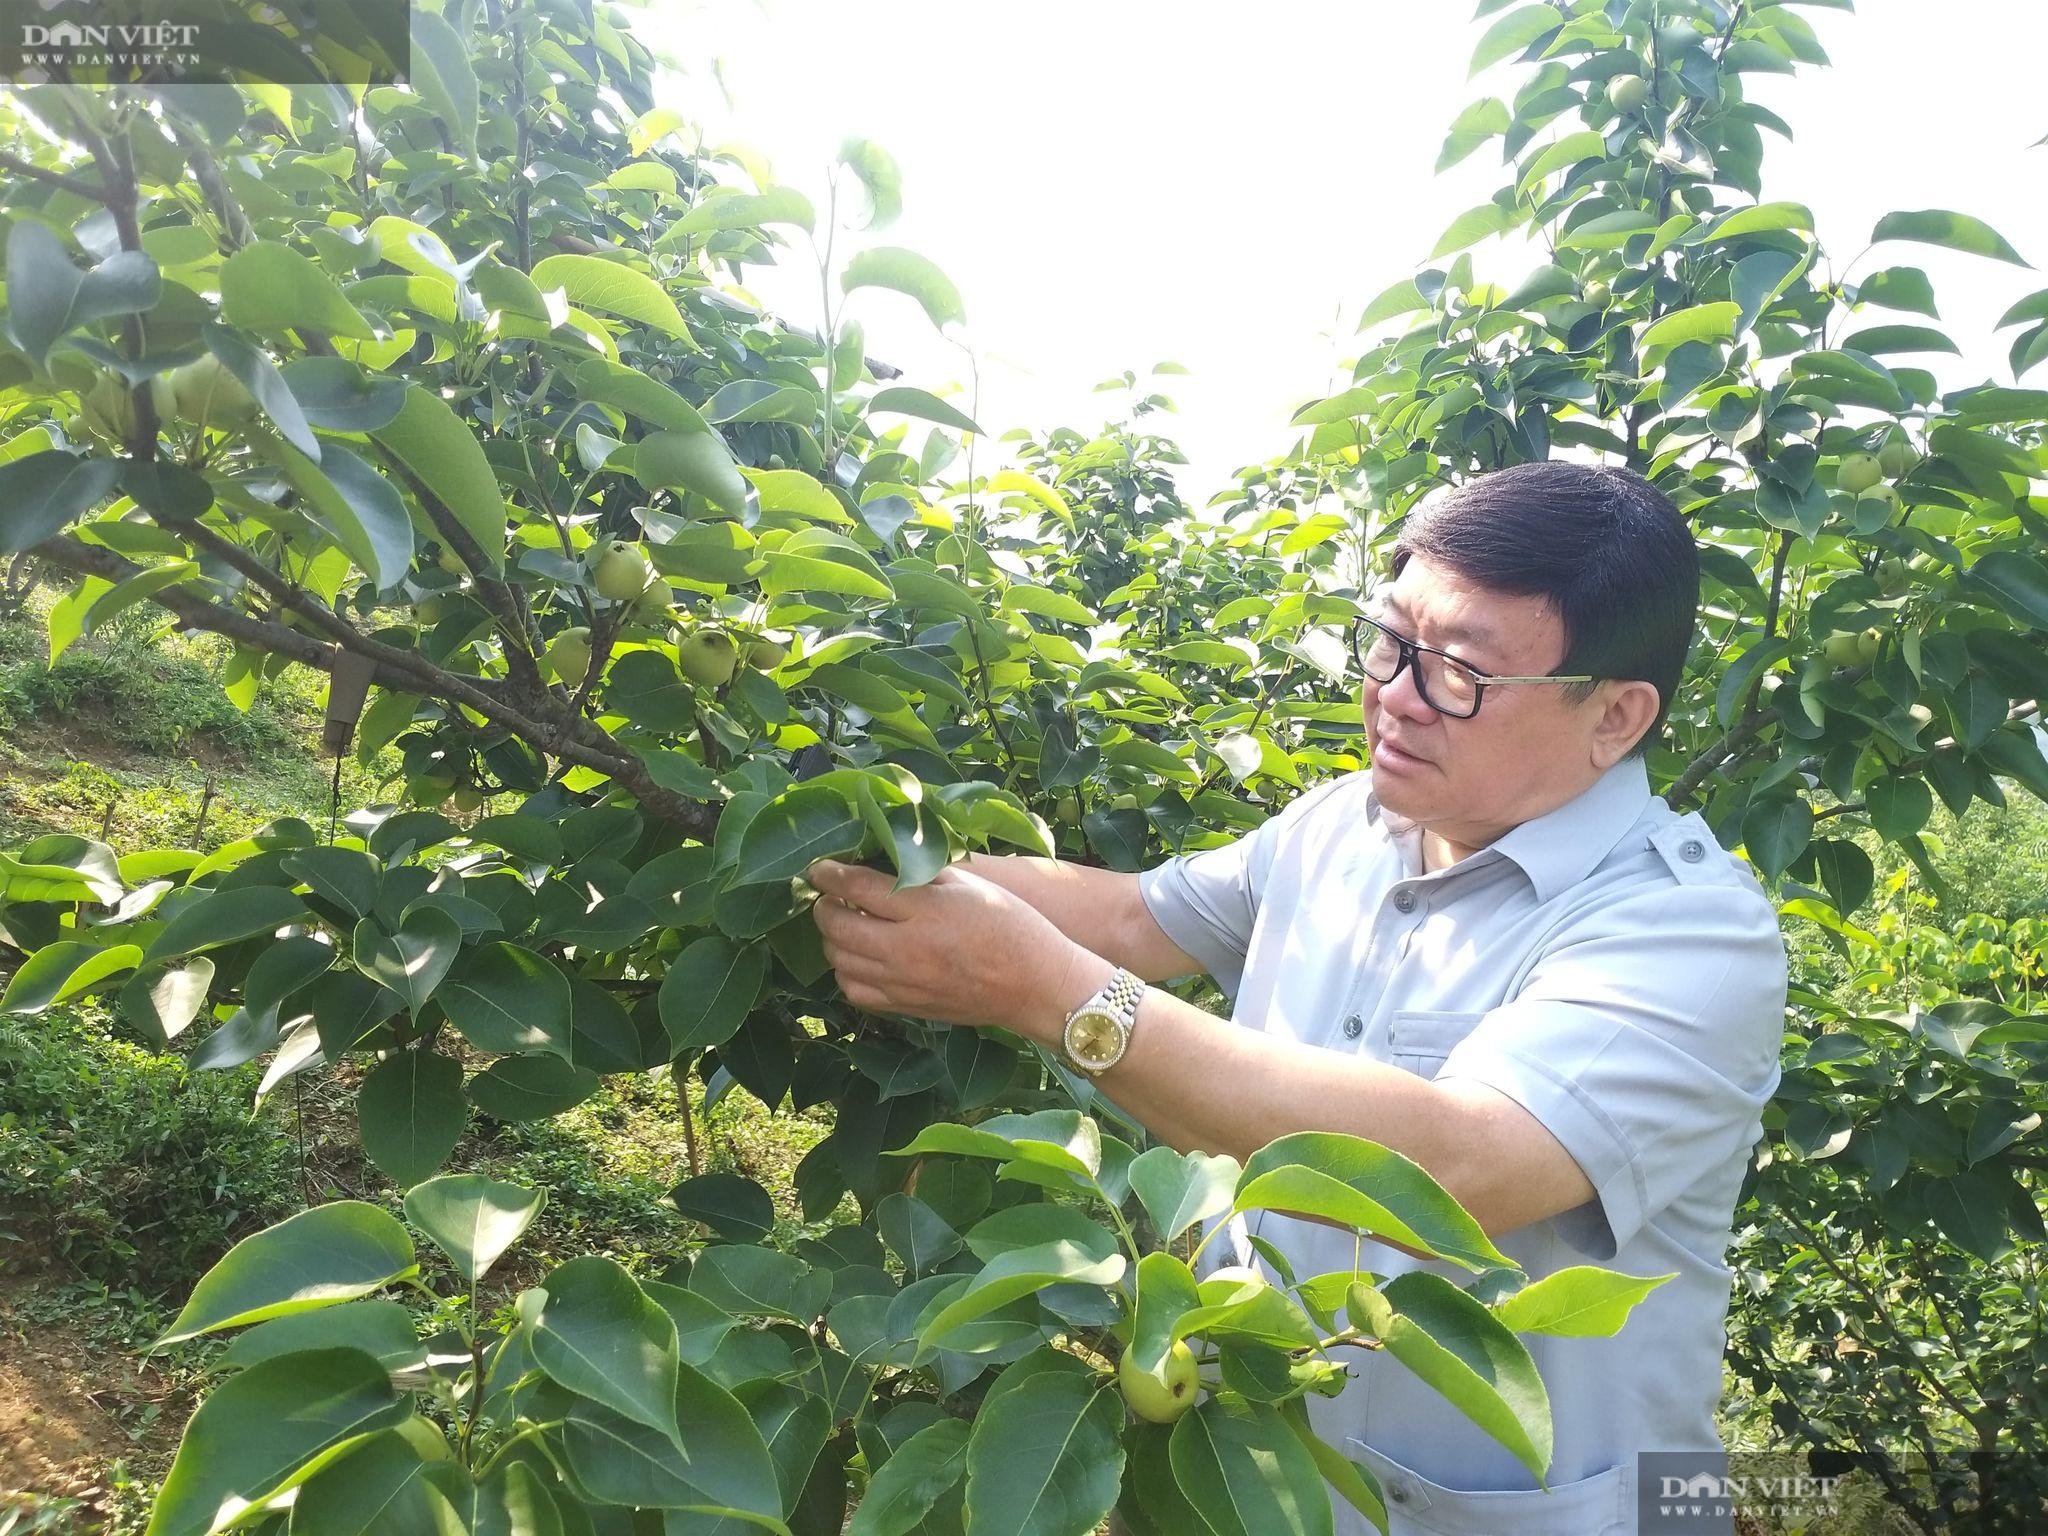 Lai Châu: Nhiều nông dân ở huyện nghèo vùng cao bỗng chốc thành... triệu, tỷ phú nhờ trồng loại hoa, quả đặc sản này - Ảnh 1.